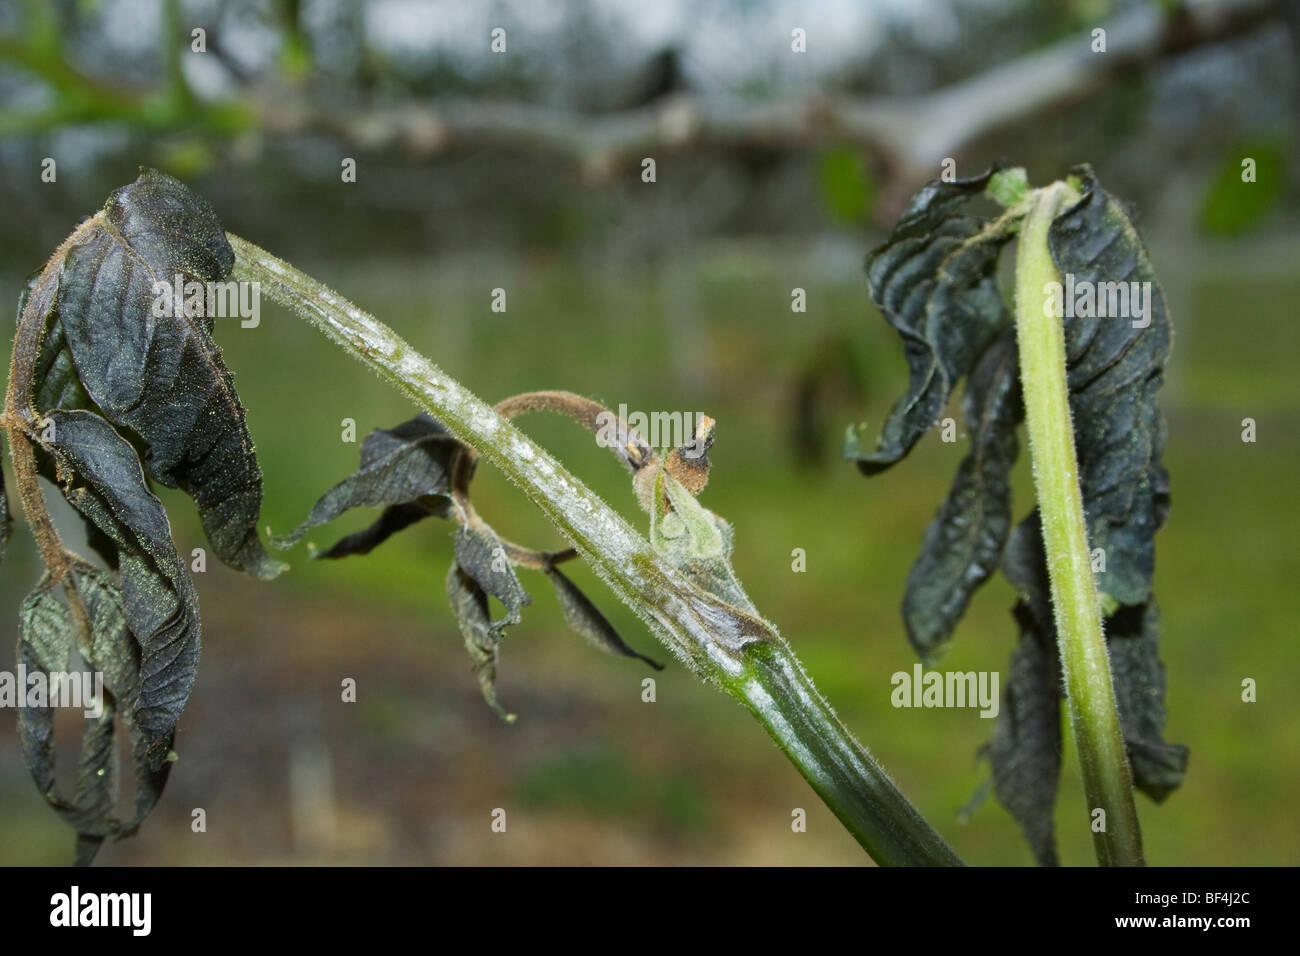 Agricoltura - Morto il fogliame di noce causato da un pesante molla insolita congelamento / vicino Dairyville, California, Stati Uniti d'America. Foto Stock